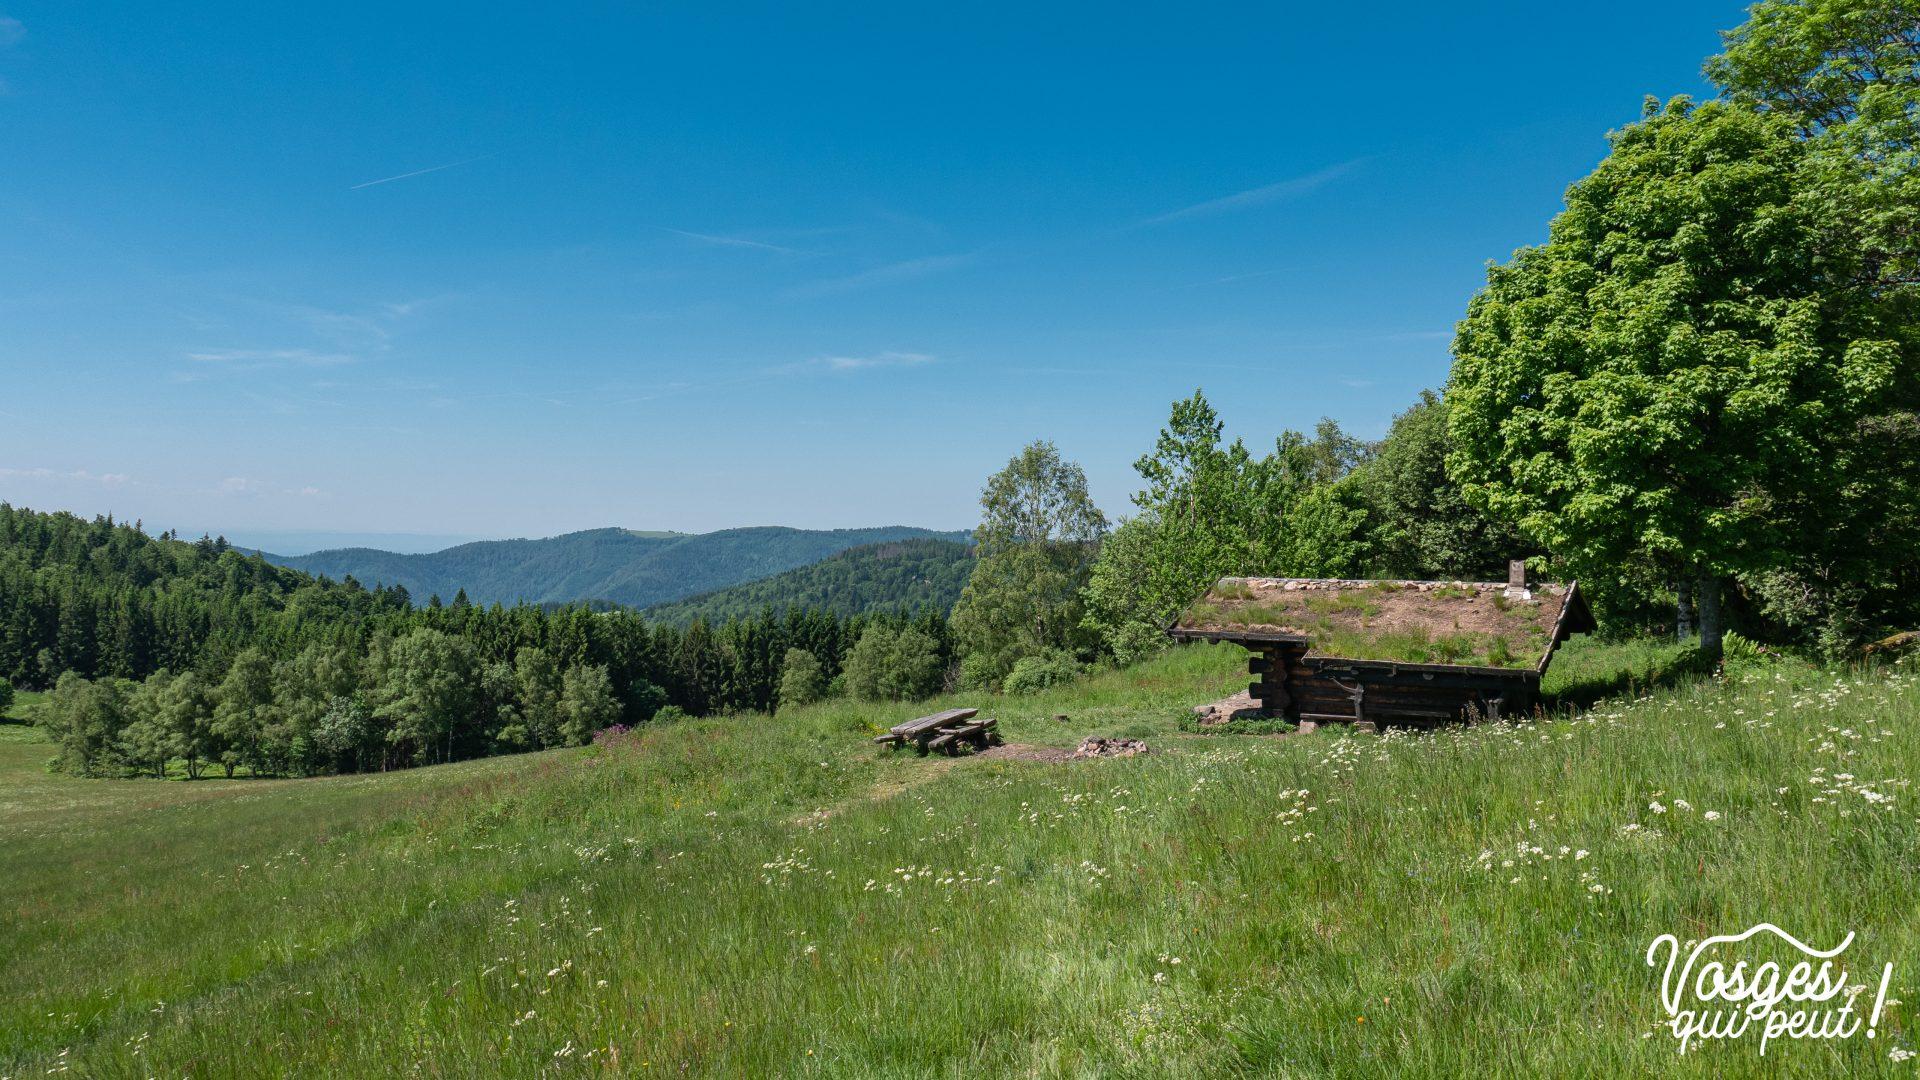 La cabane de la Haute Bers au-dessus de la vallée de la Thur dans les Vosges